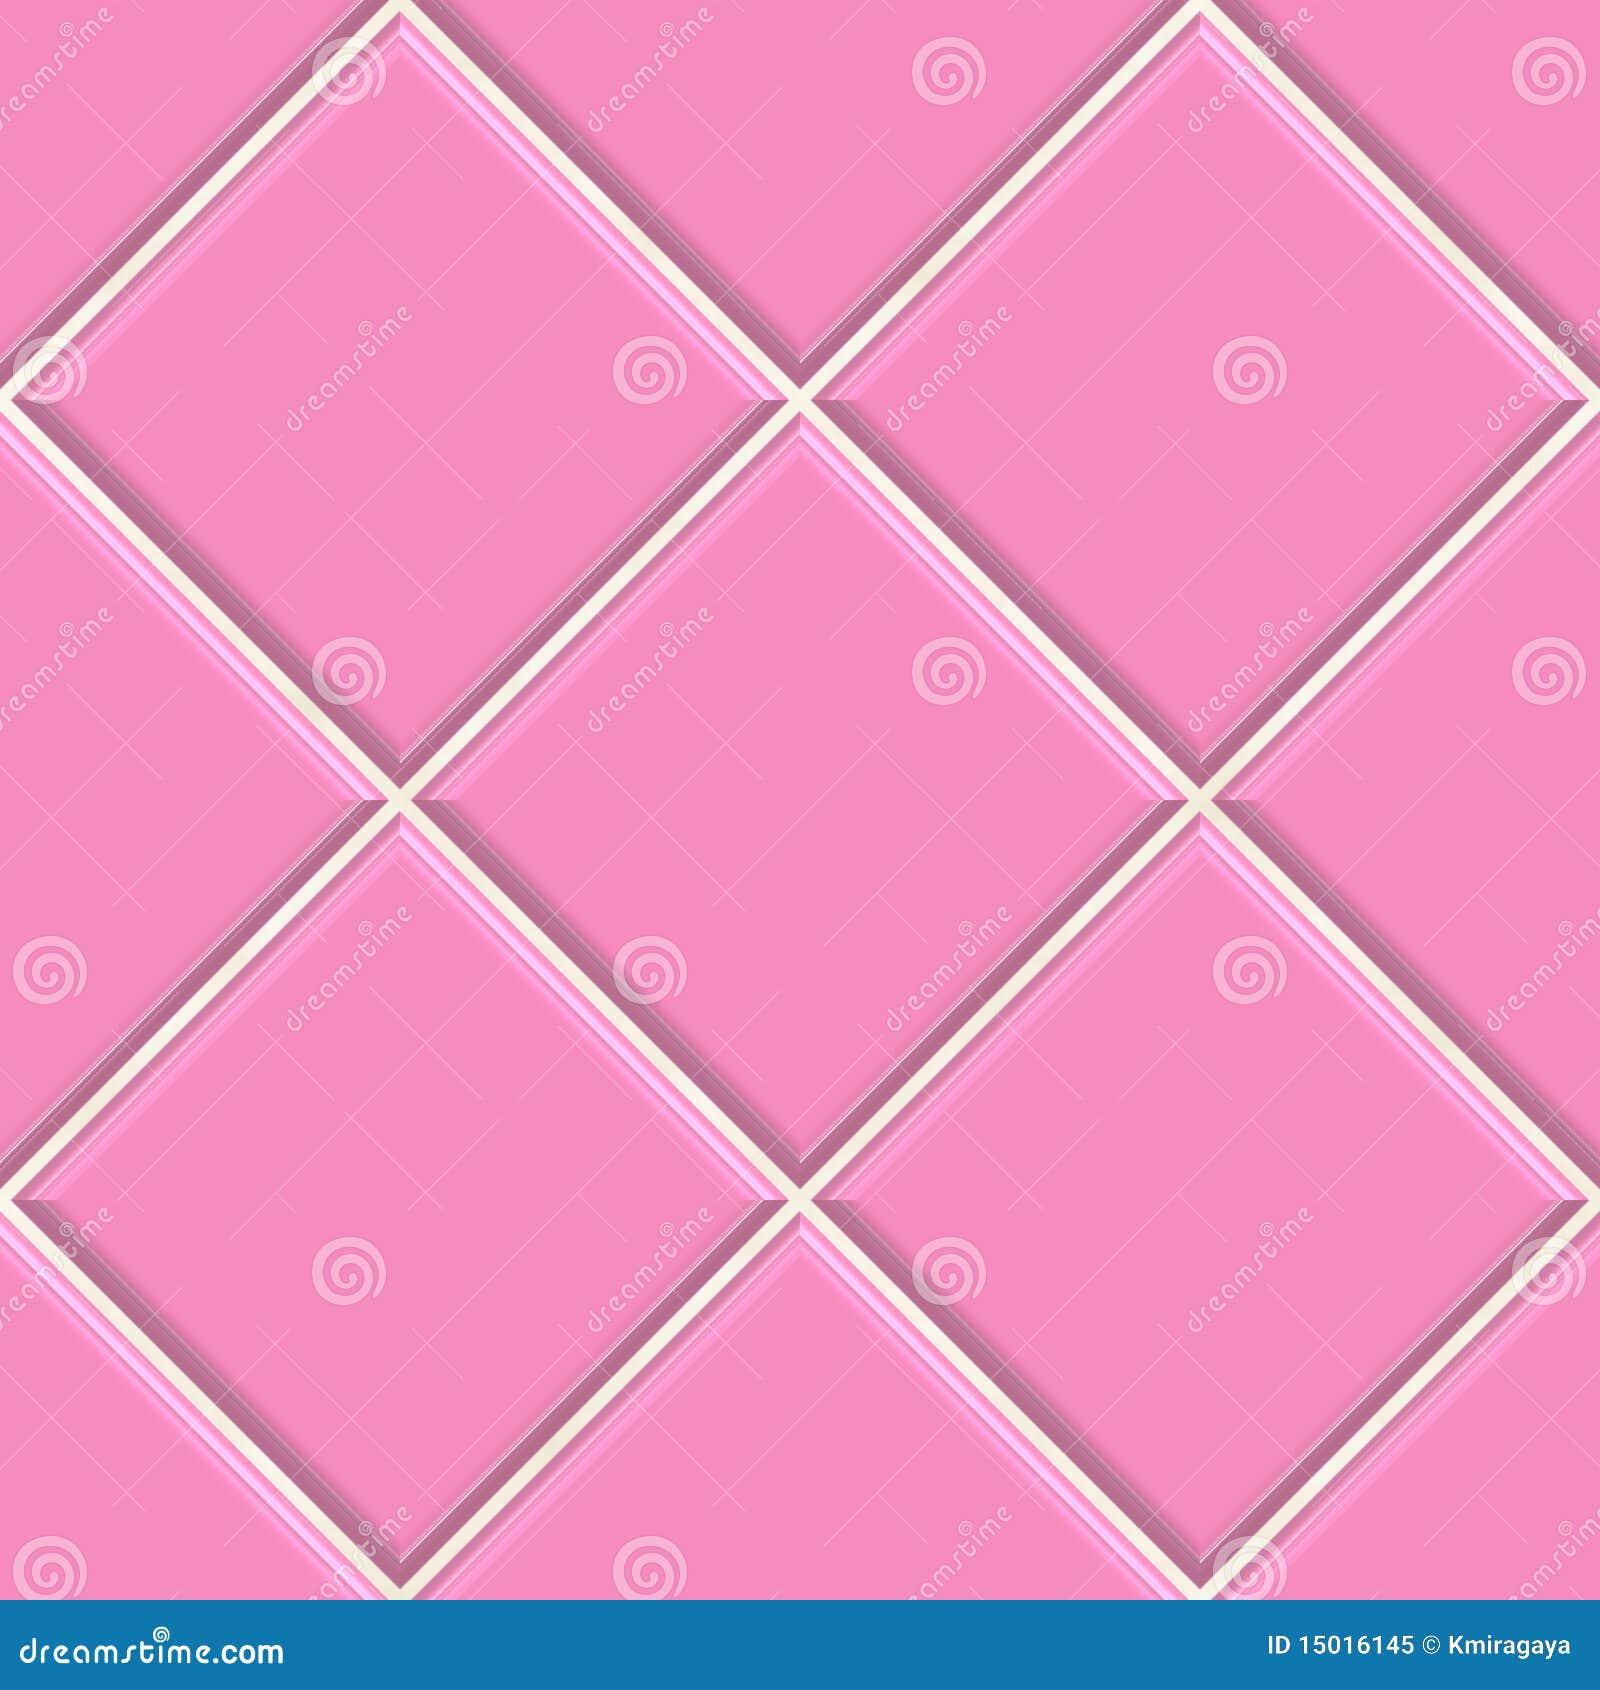 Kitchen Tile Eallpaper